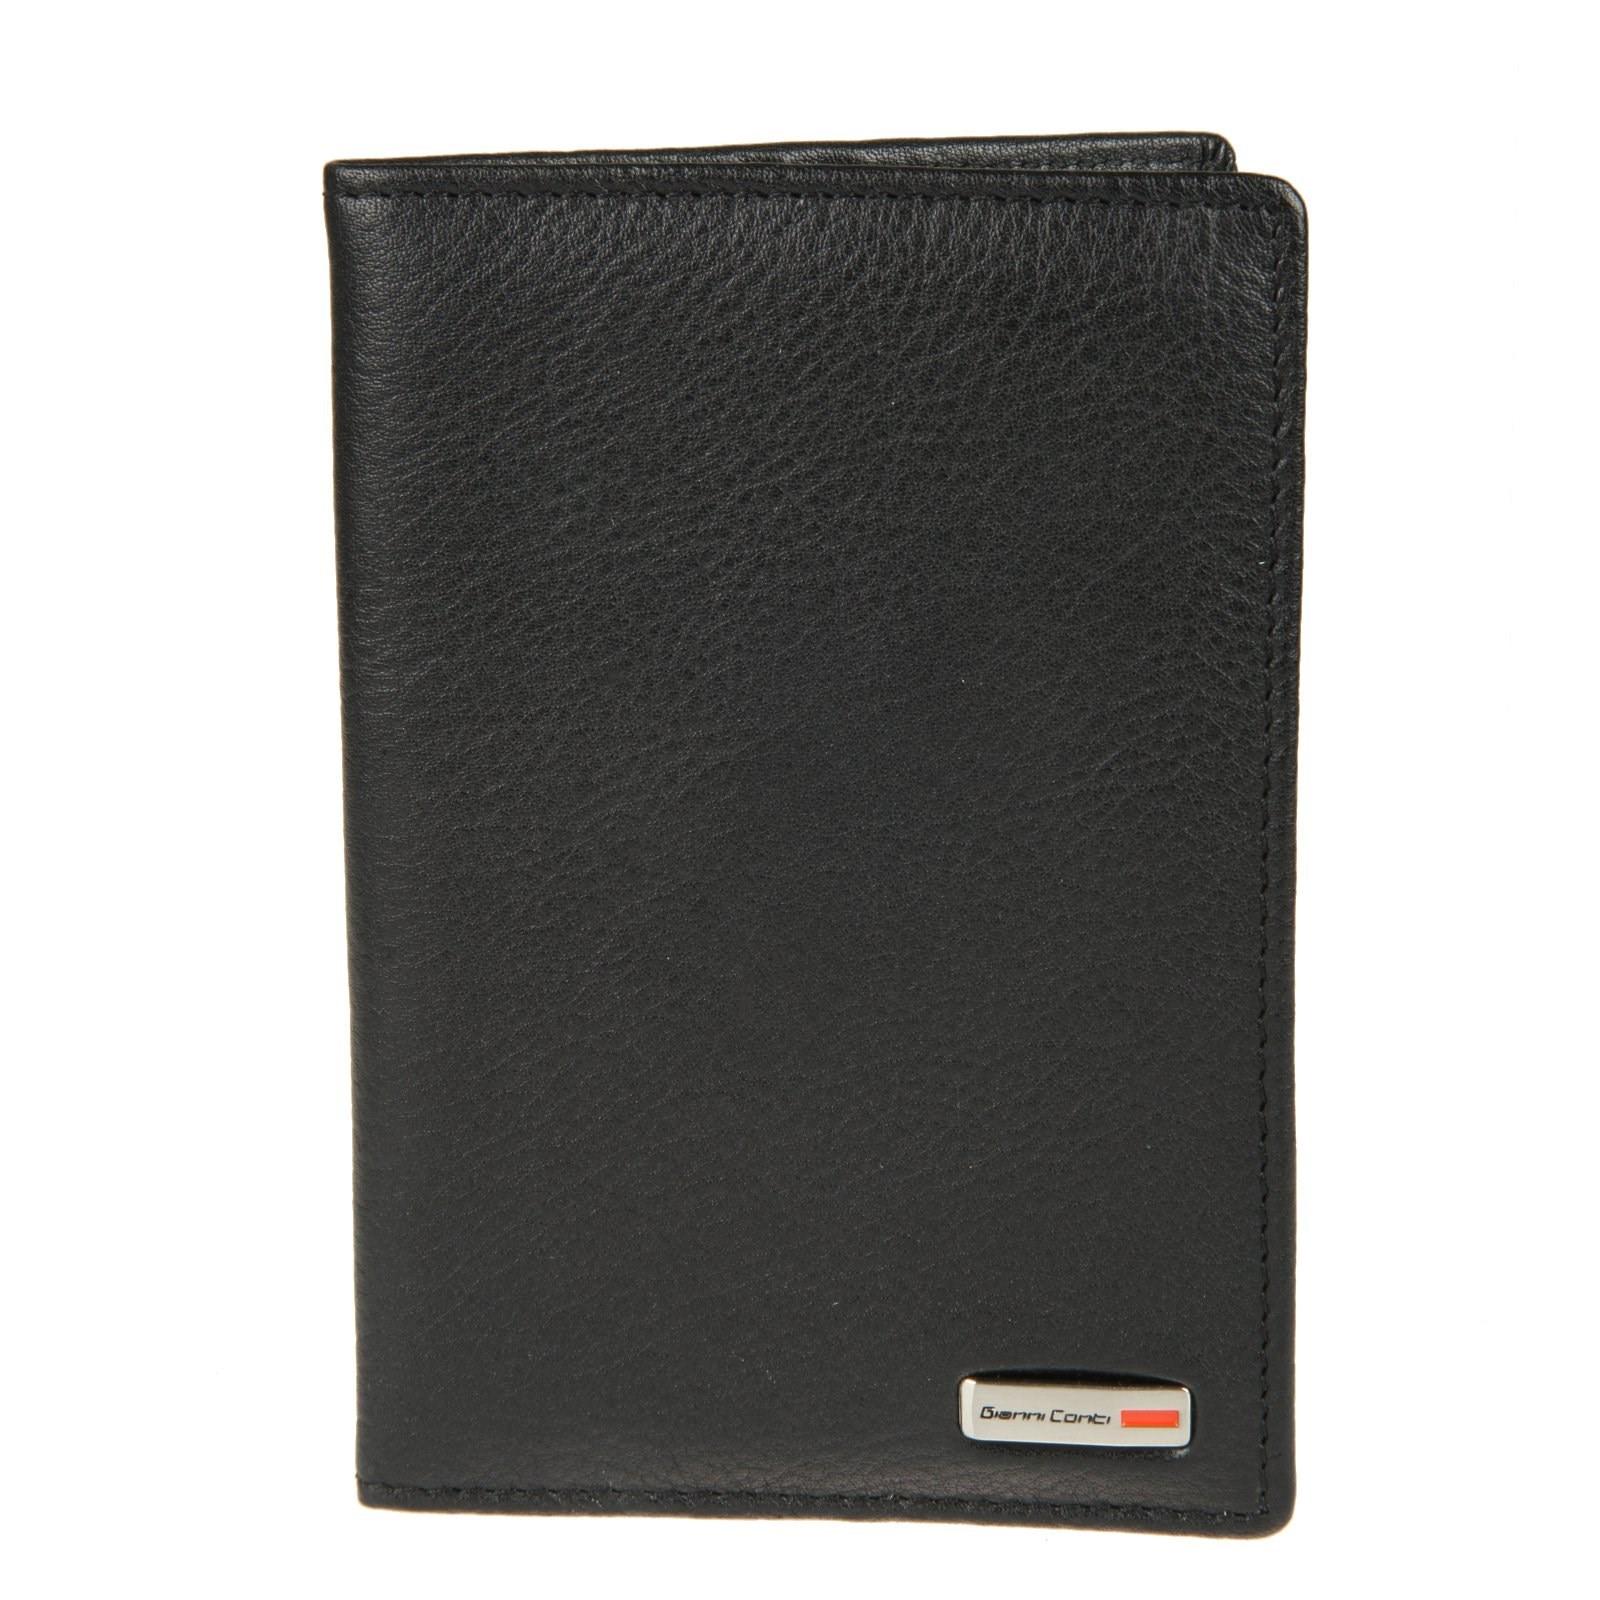 Cover for avtodokumentov Gianni Conti 1607491 black cover for avtodokumentov gianni conti 1227455 black